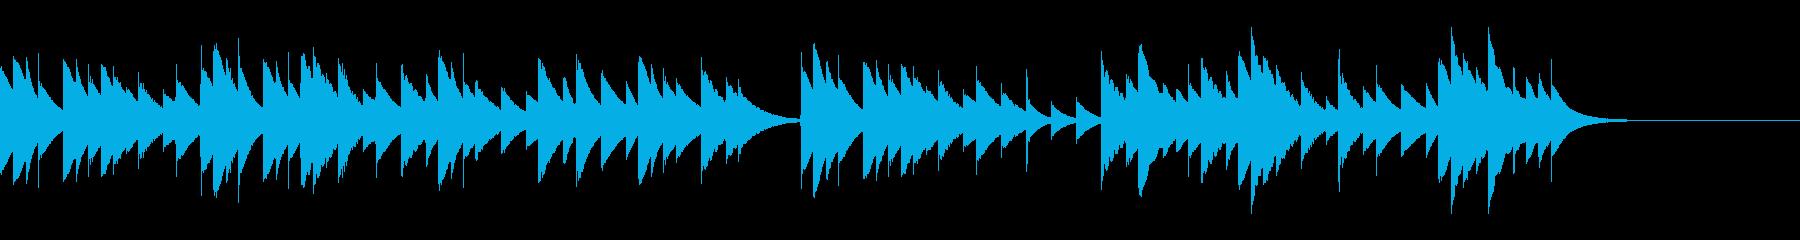 オルゴール/儚い/元気/あどけないの再生済みの波形